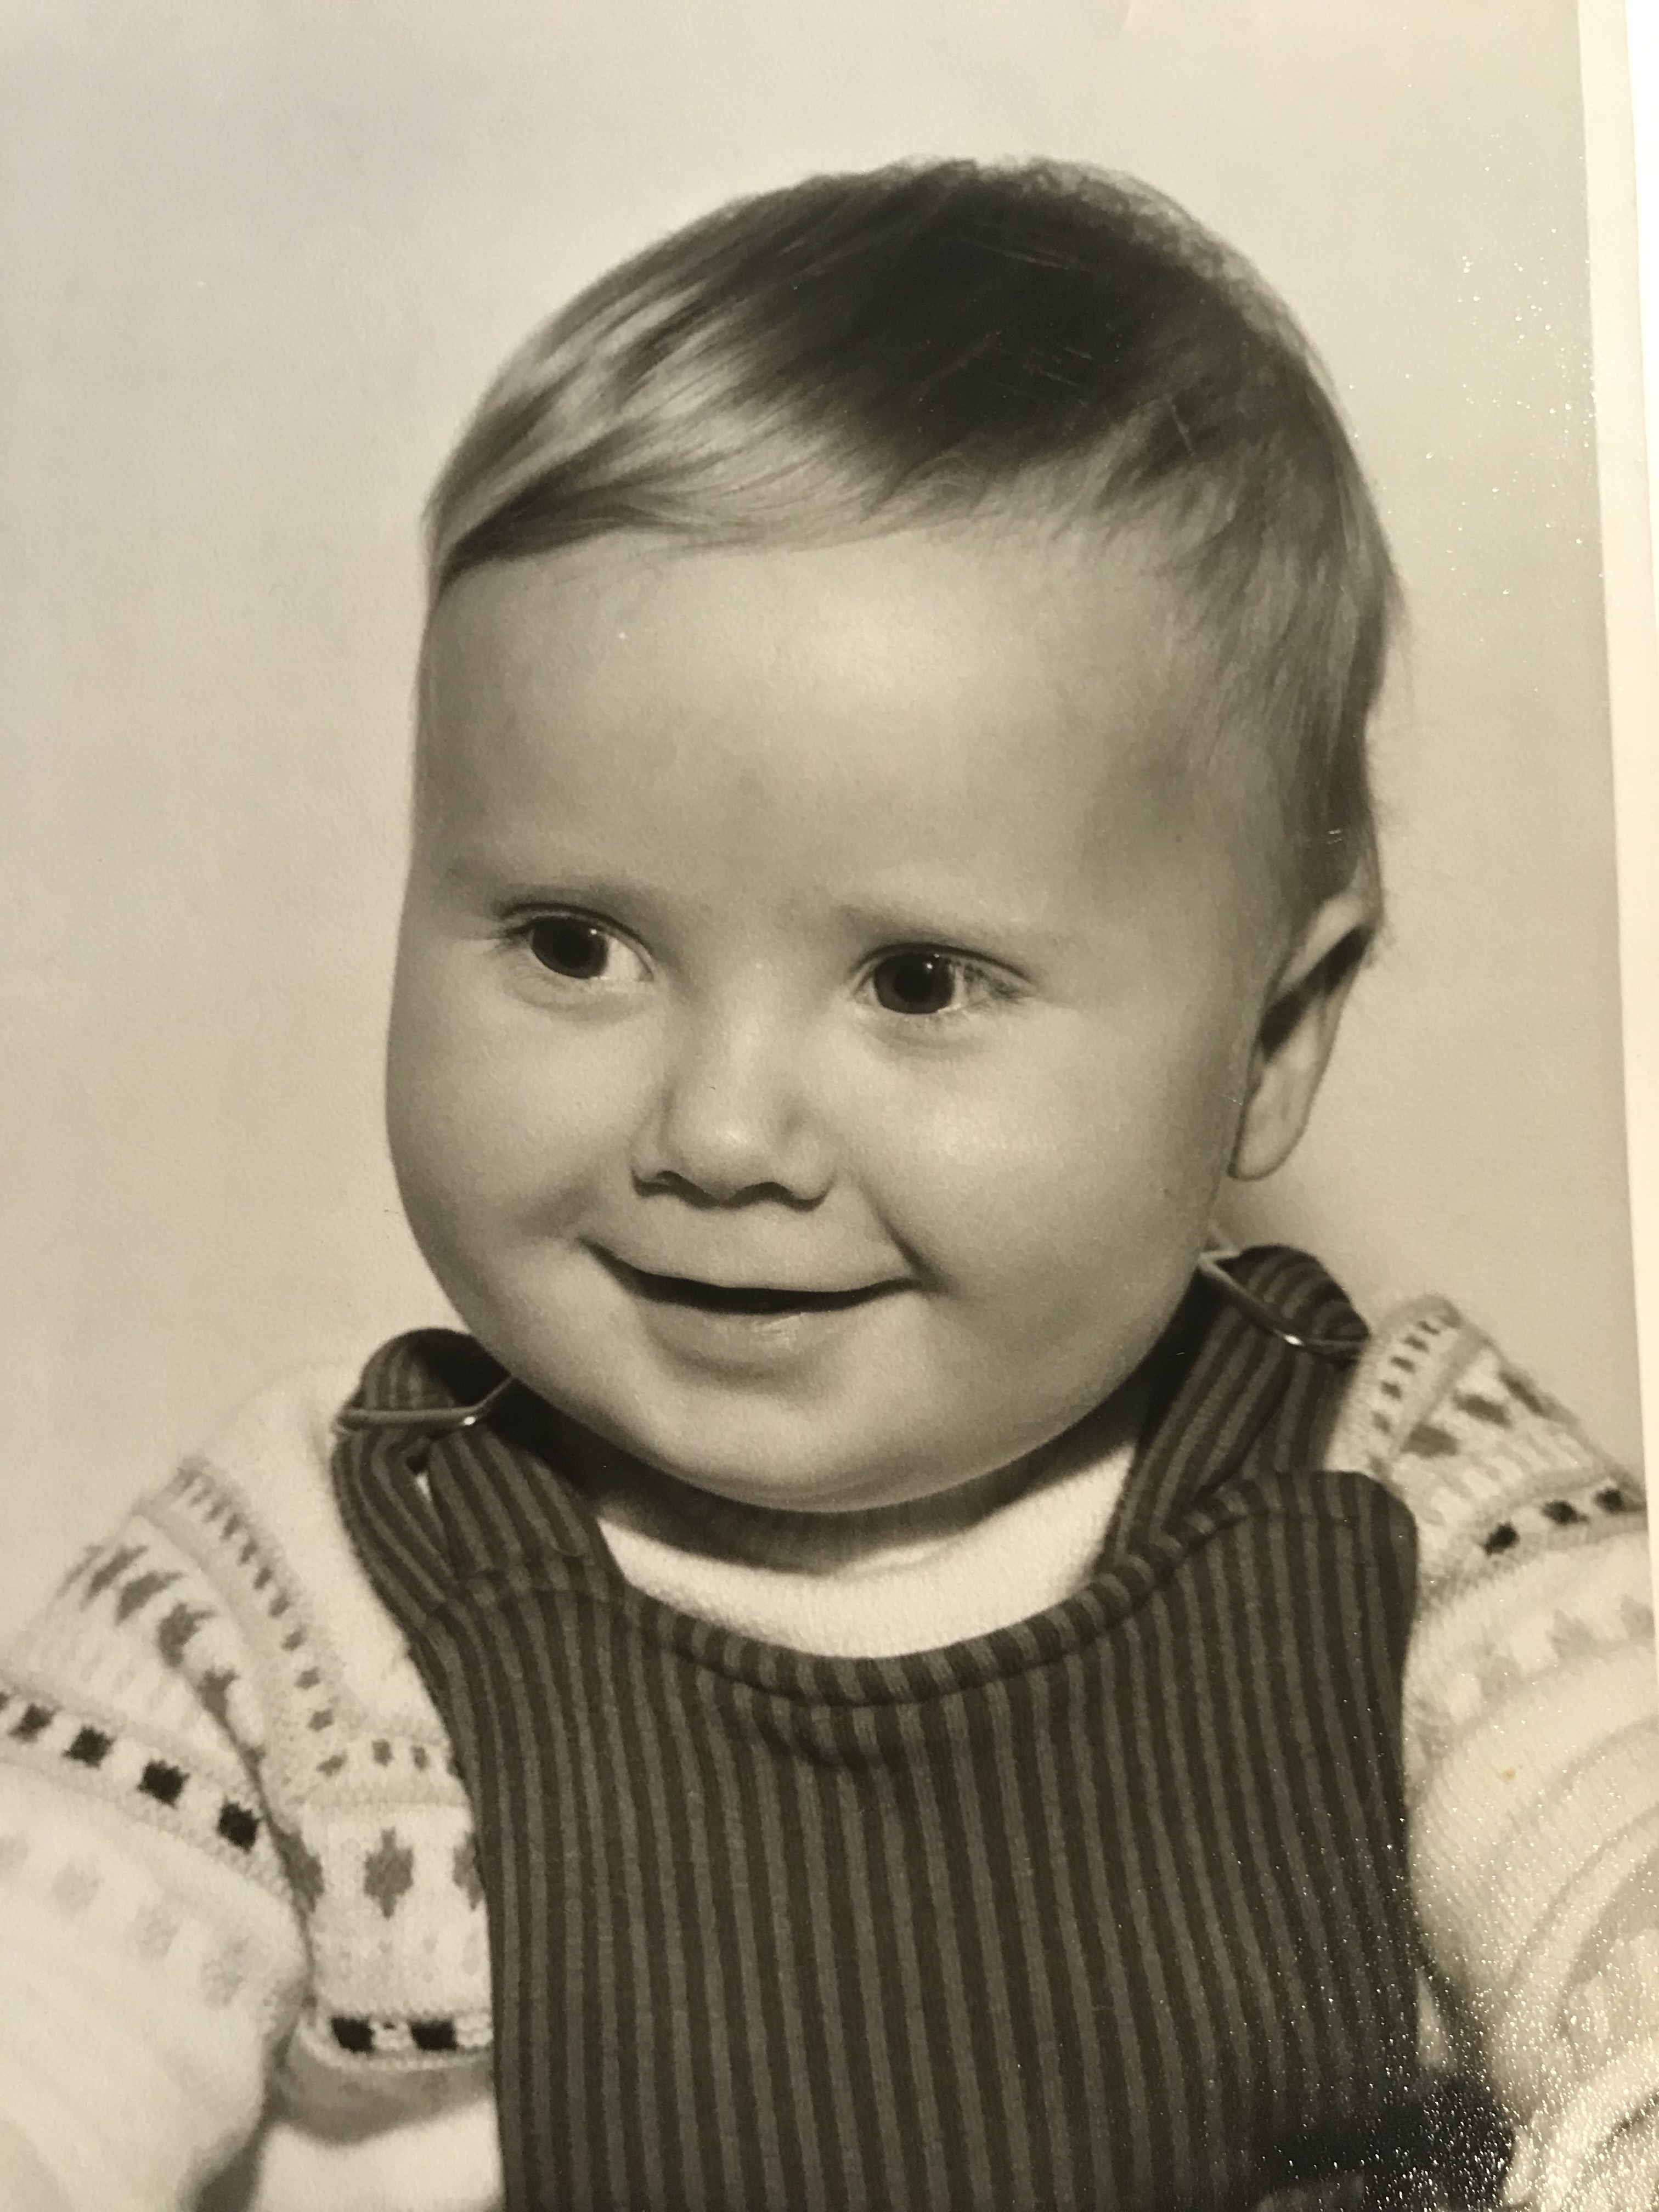 da bin ich etwa 1 Jahr alt